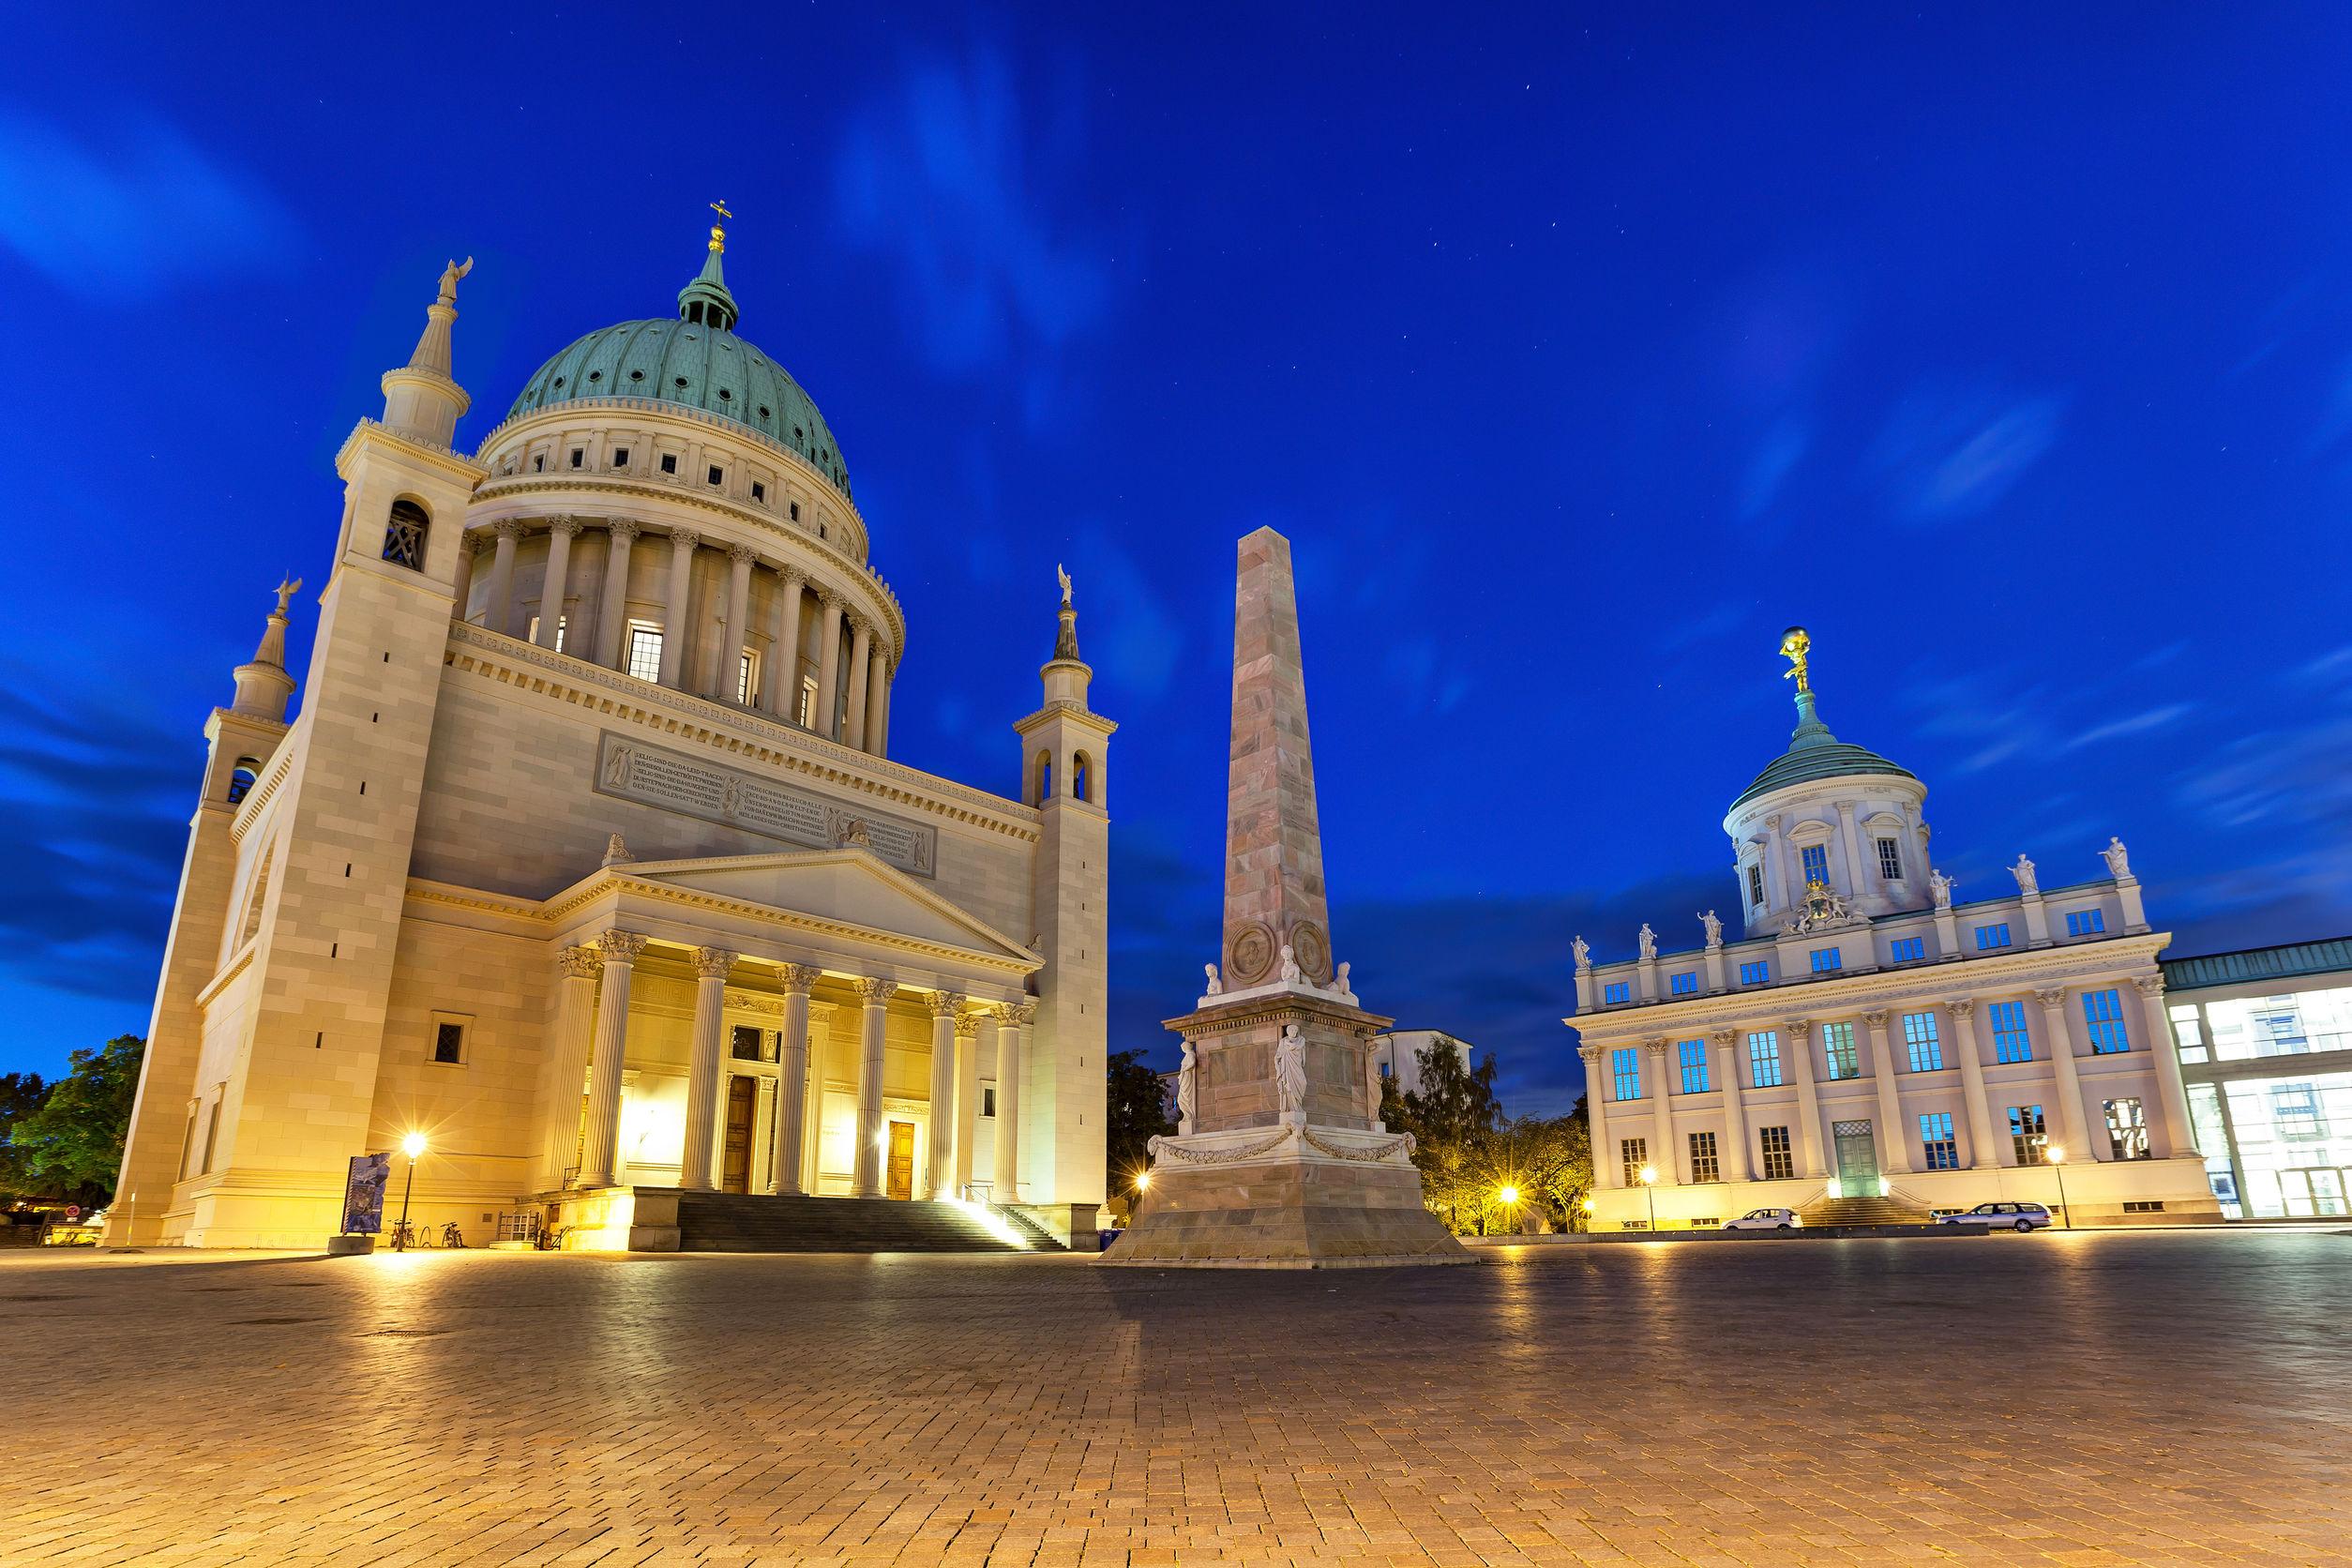 Städtereise Potsdam: Empfehlungen und Vergleich (05/21)